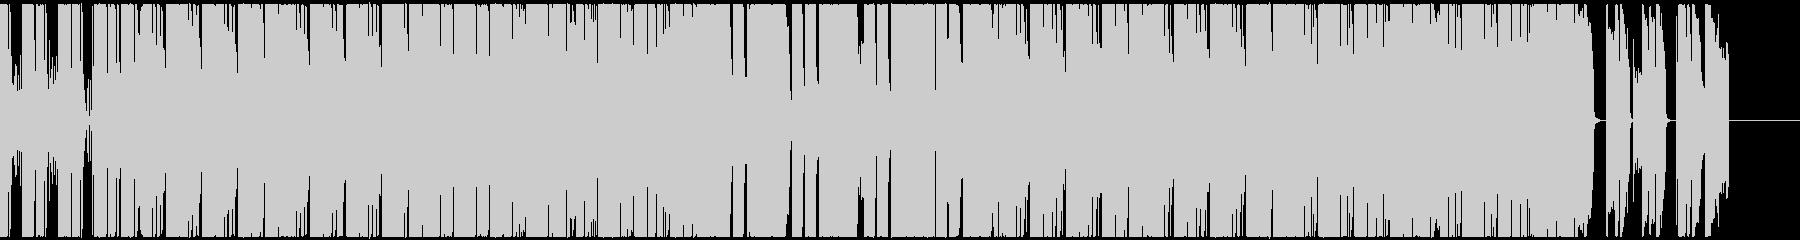 ポップで鮮やかなファンクエレクトロの未再生の波形